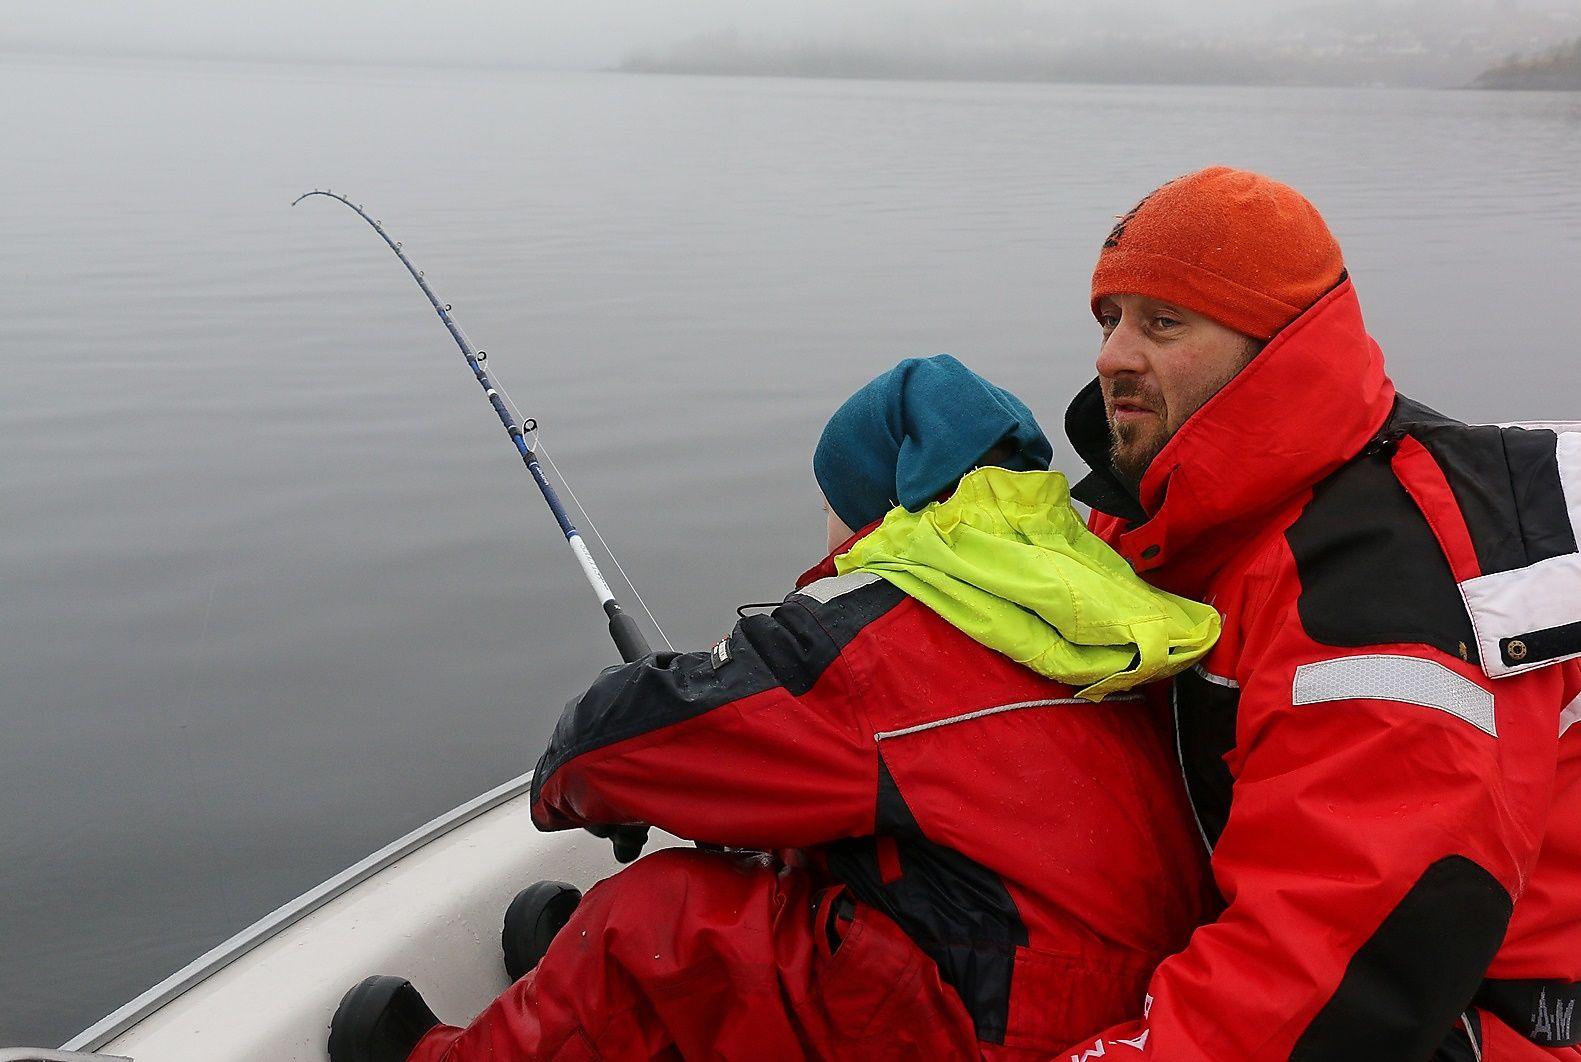 PAPPA PASSER PÅ: Femåringen Martin Klavins har godt grep i fiskestanga, men pappa Artur er aldri langt unna - og bistår når det napper.